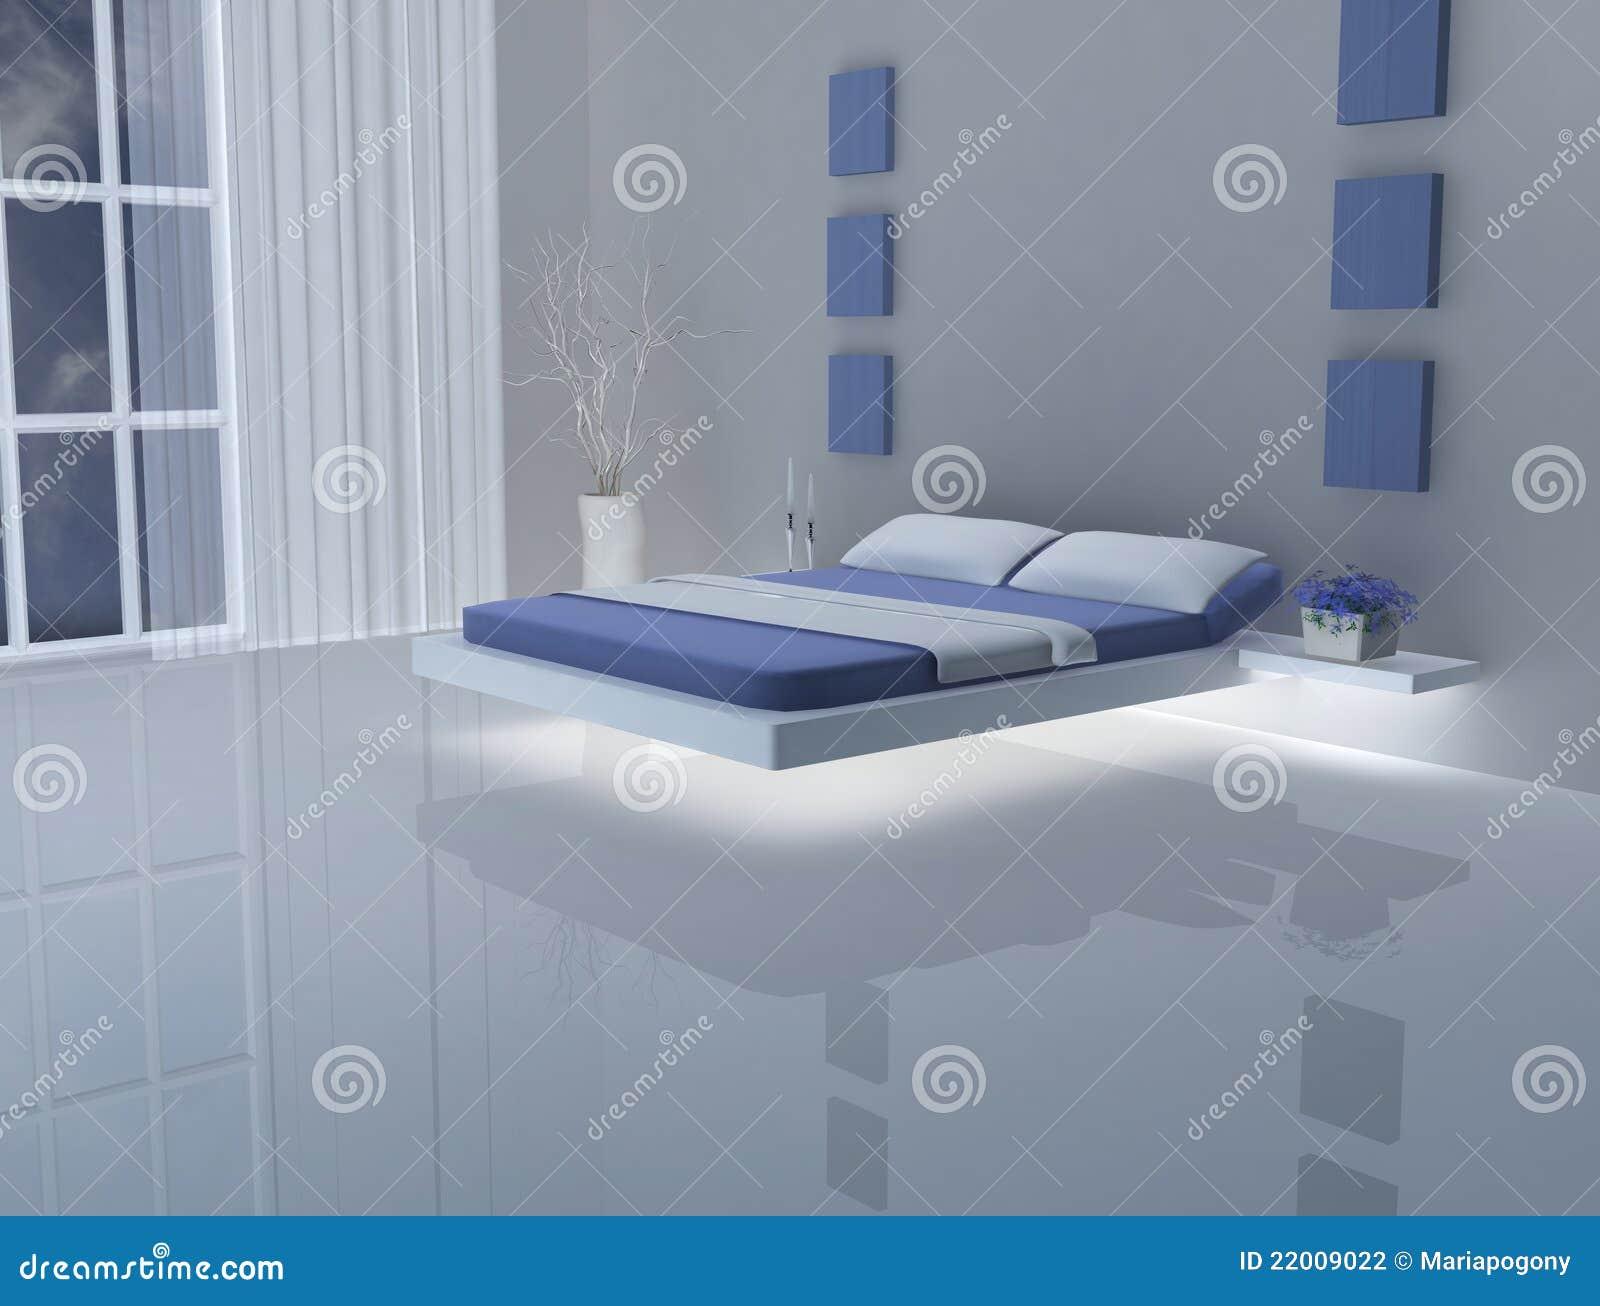 Camera Da Letto Blu Balena : Camere da letto blu e bianca camera da letto blu e bianca foto